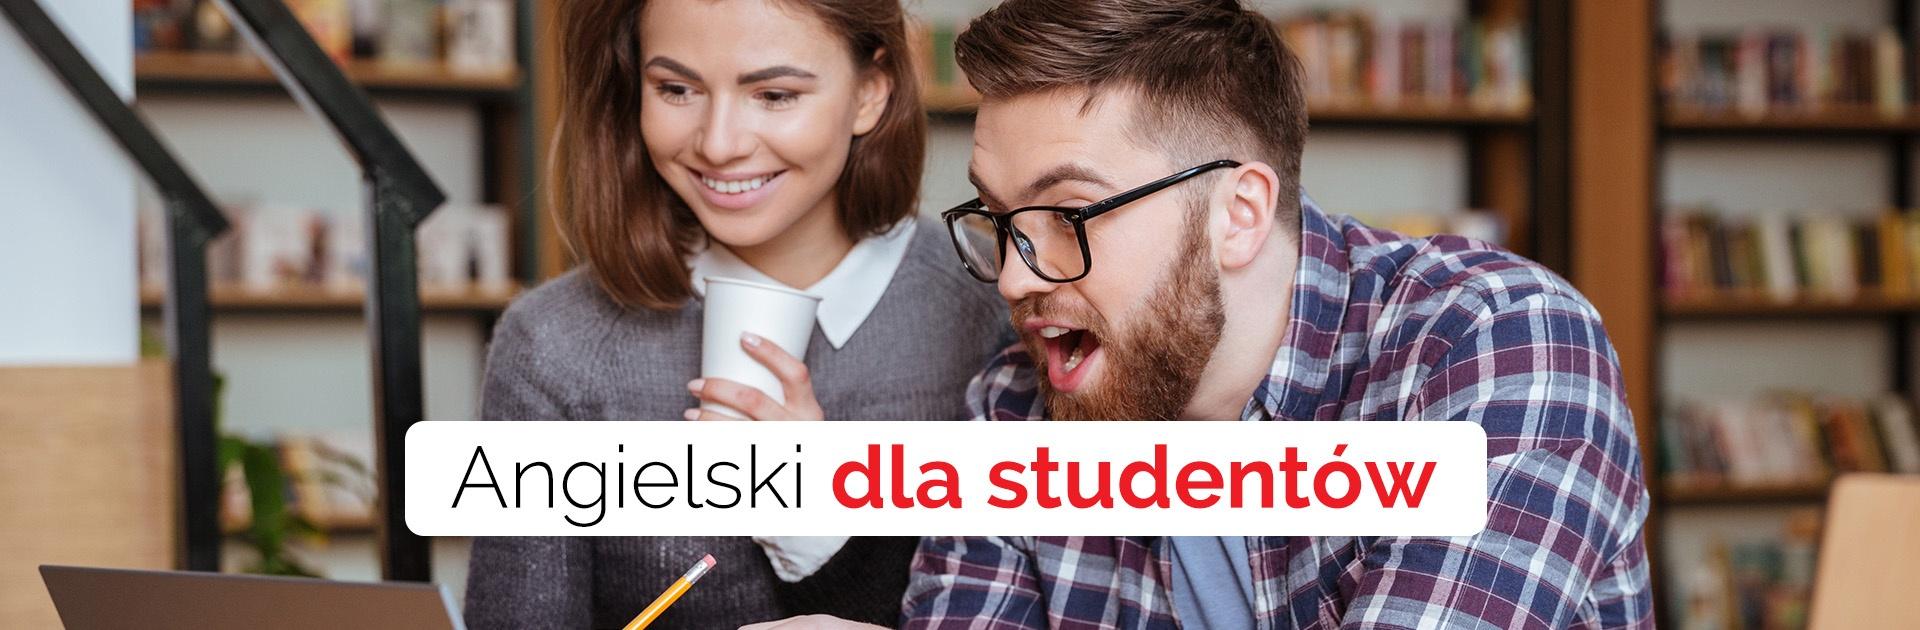 Angielski dla studentów - kurs angielskiego Speak Up